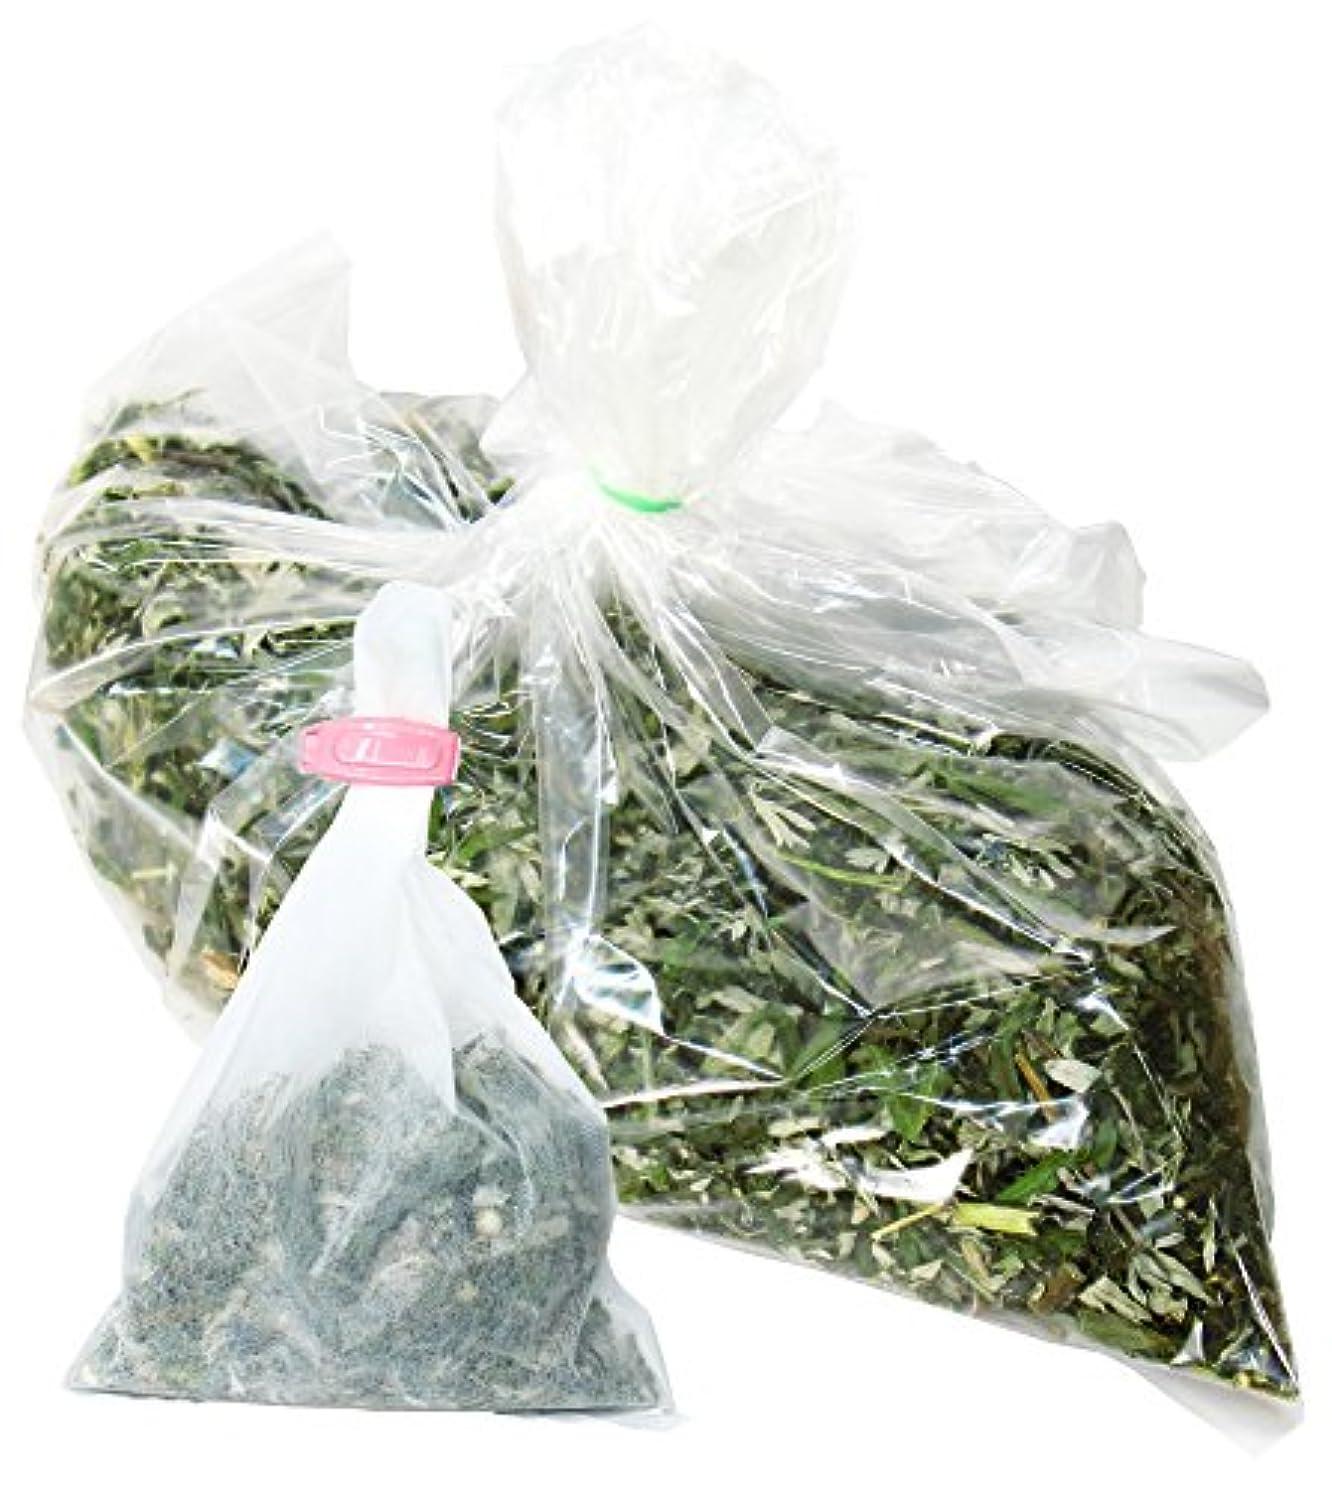 証拠最初未接続自然健康社 よもぎ蒸しのよもぎ 250g 乾燥刻み 煮出し袋10枚付